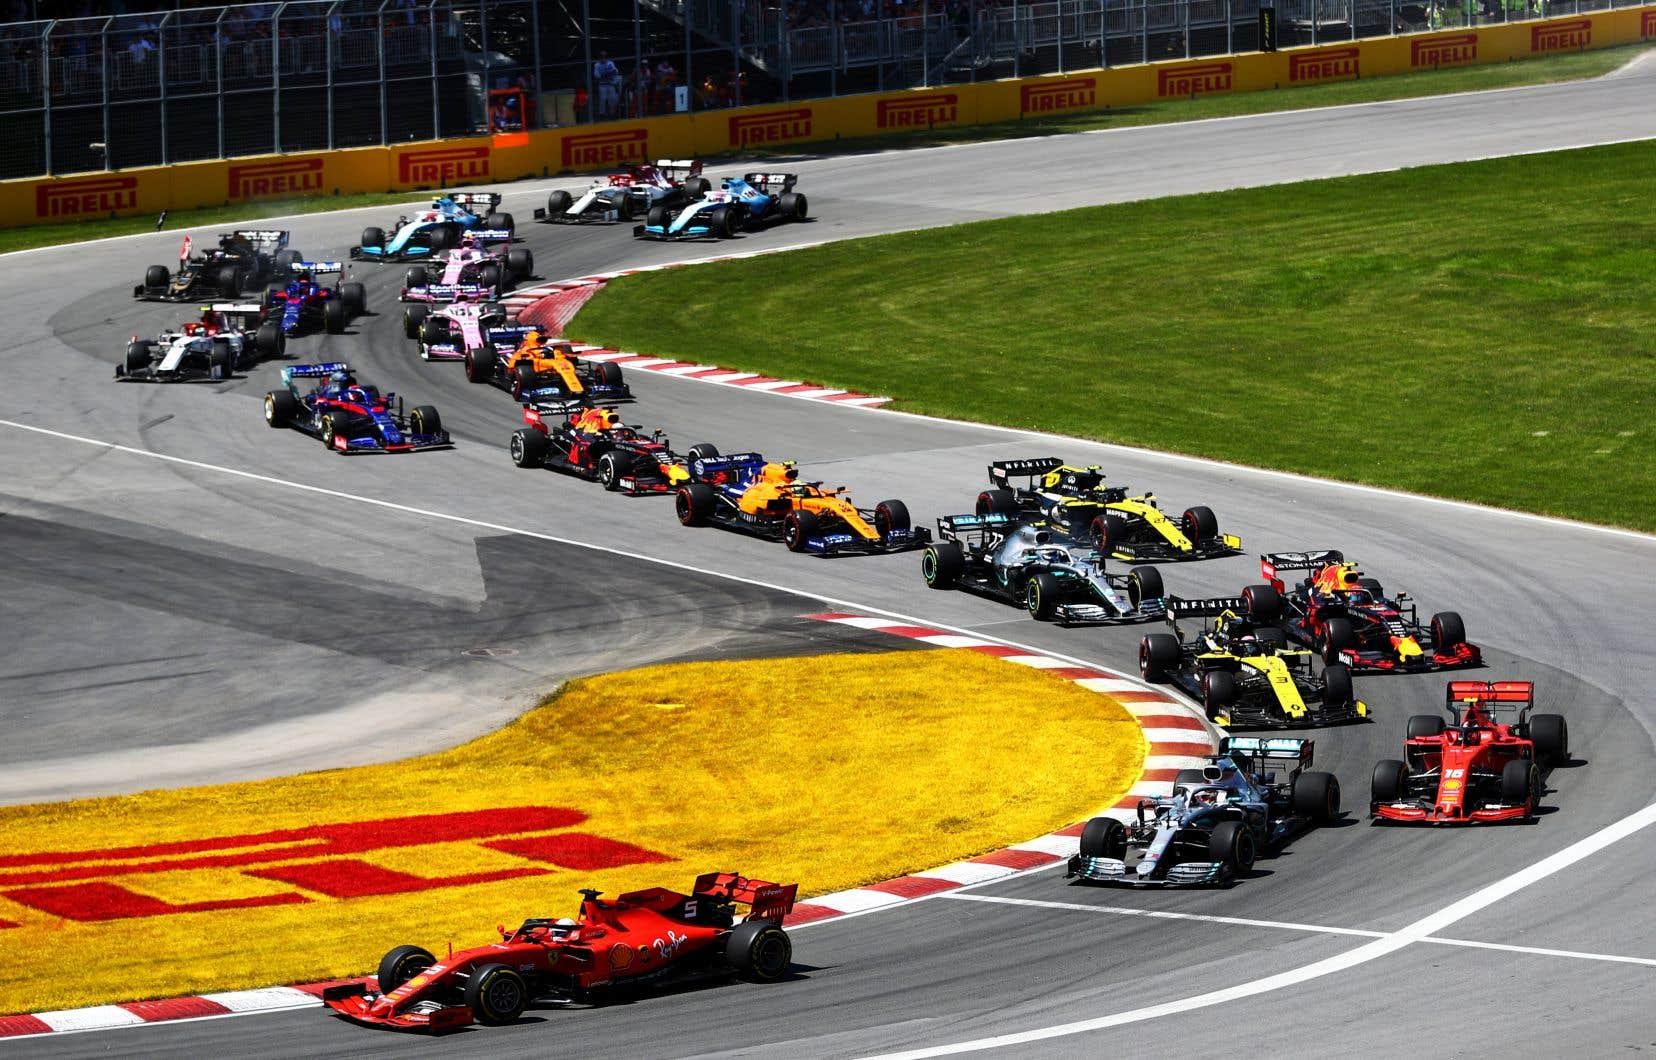 La Formule 1 a dévoilé son calendrier provisoire pour la saison prochaine avec pour le moment 23 courses au programme.